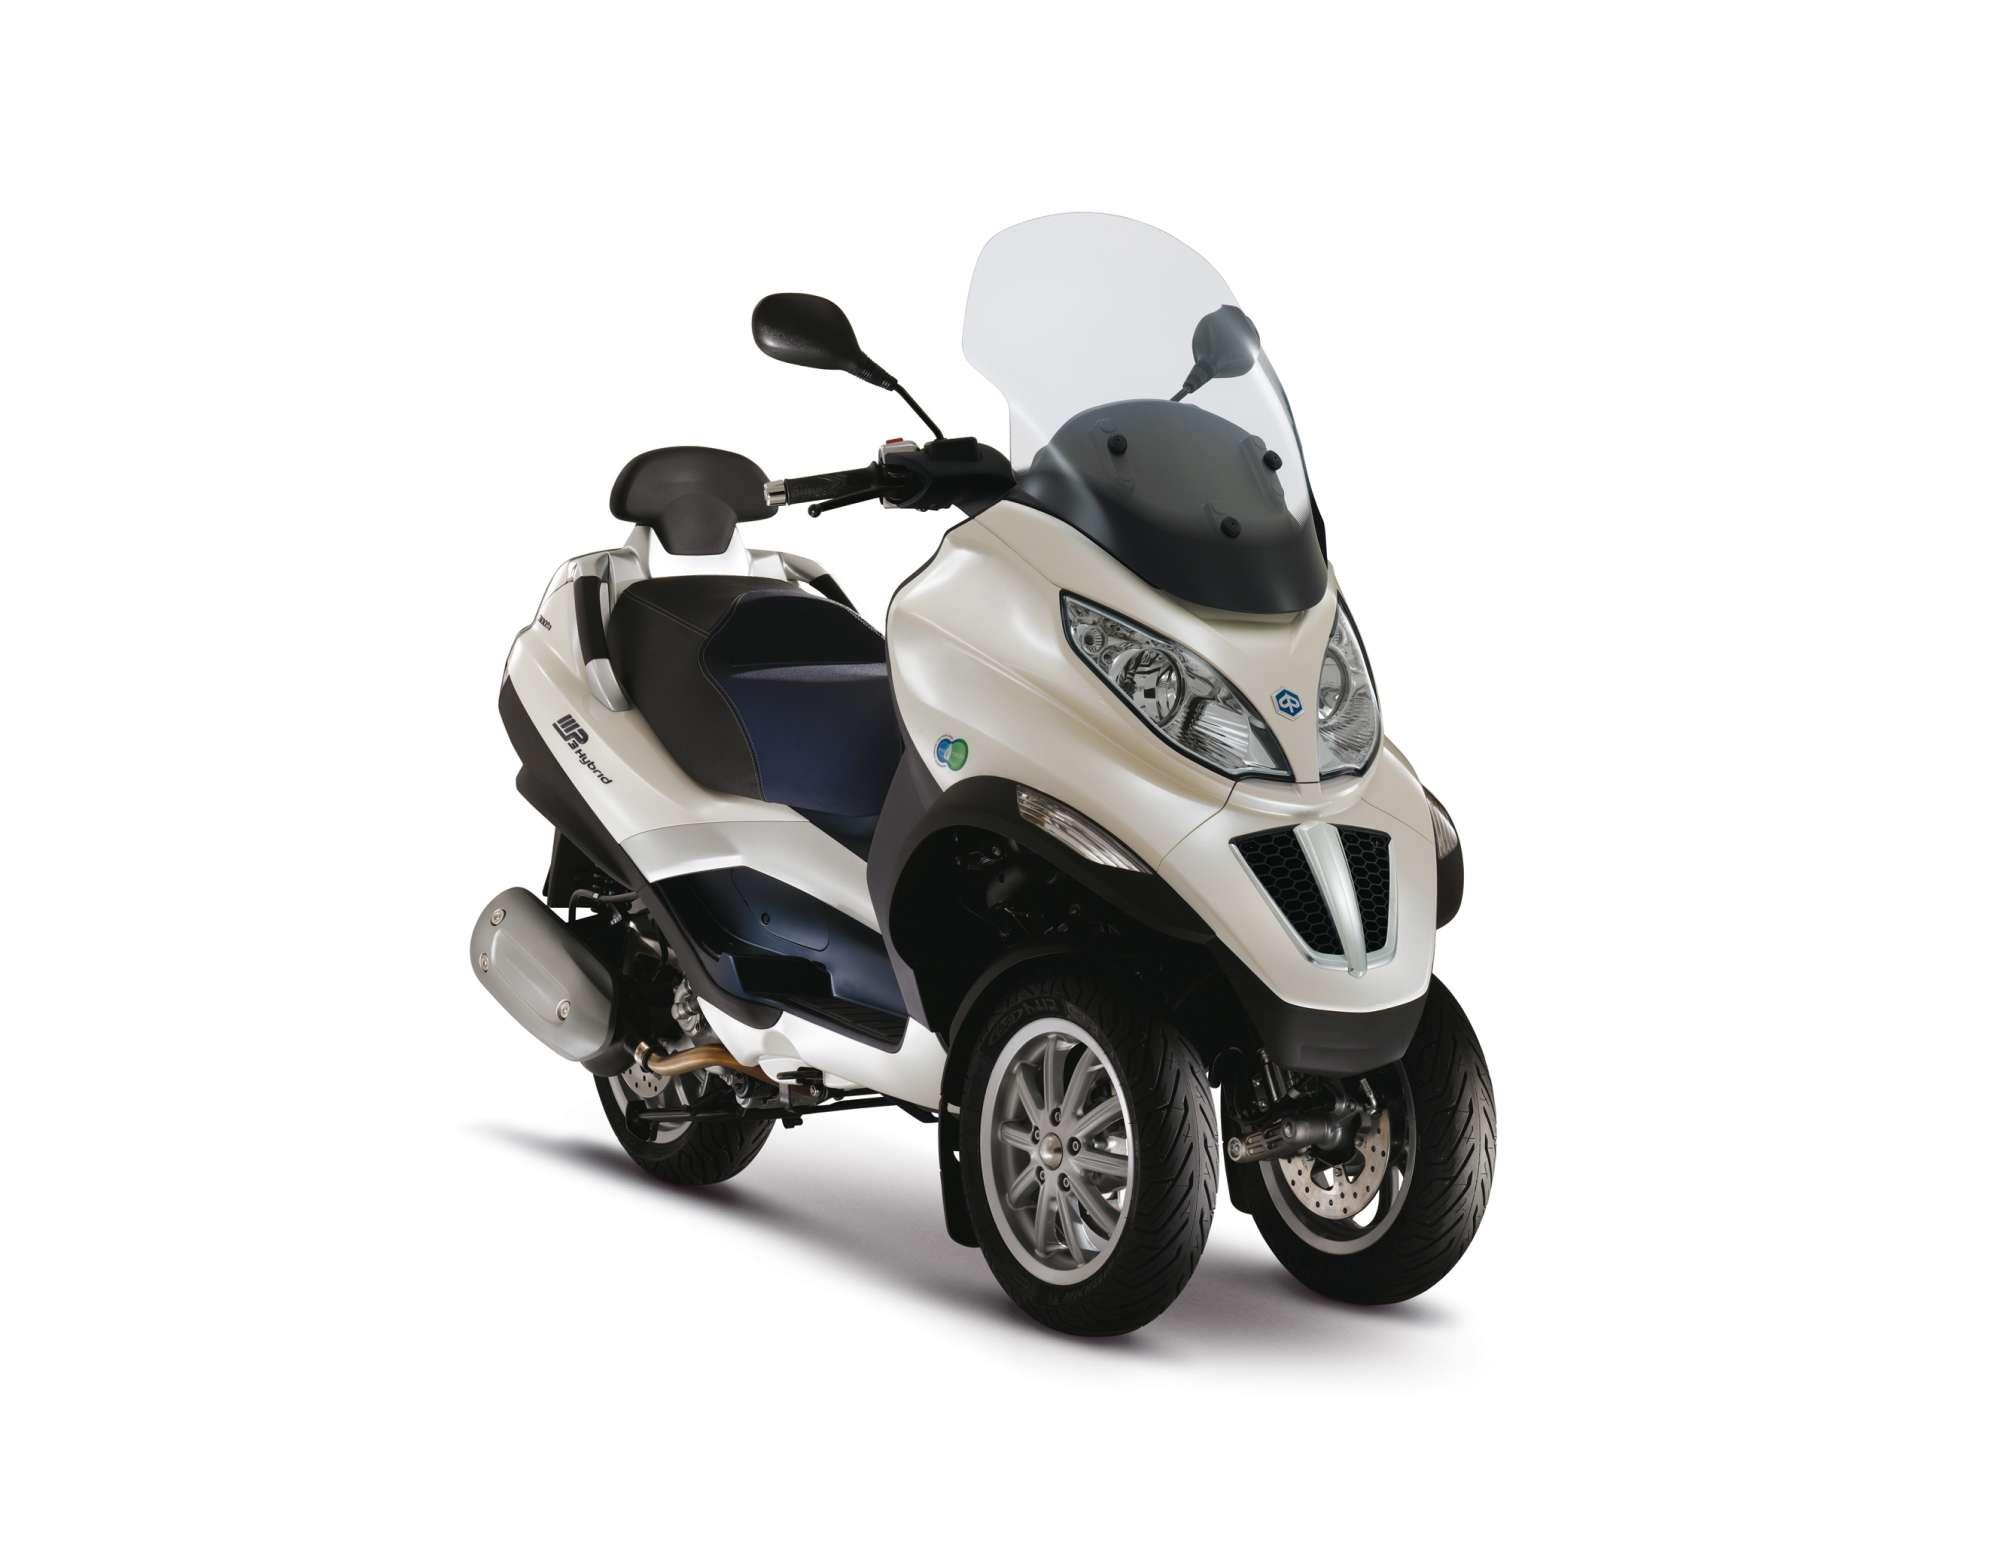 gebrauchte und neue piaggio mp3 hybrid 300 lt motorr der. Black Bedroom Furniture Sets. Home Design Ideas